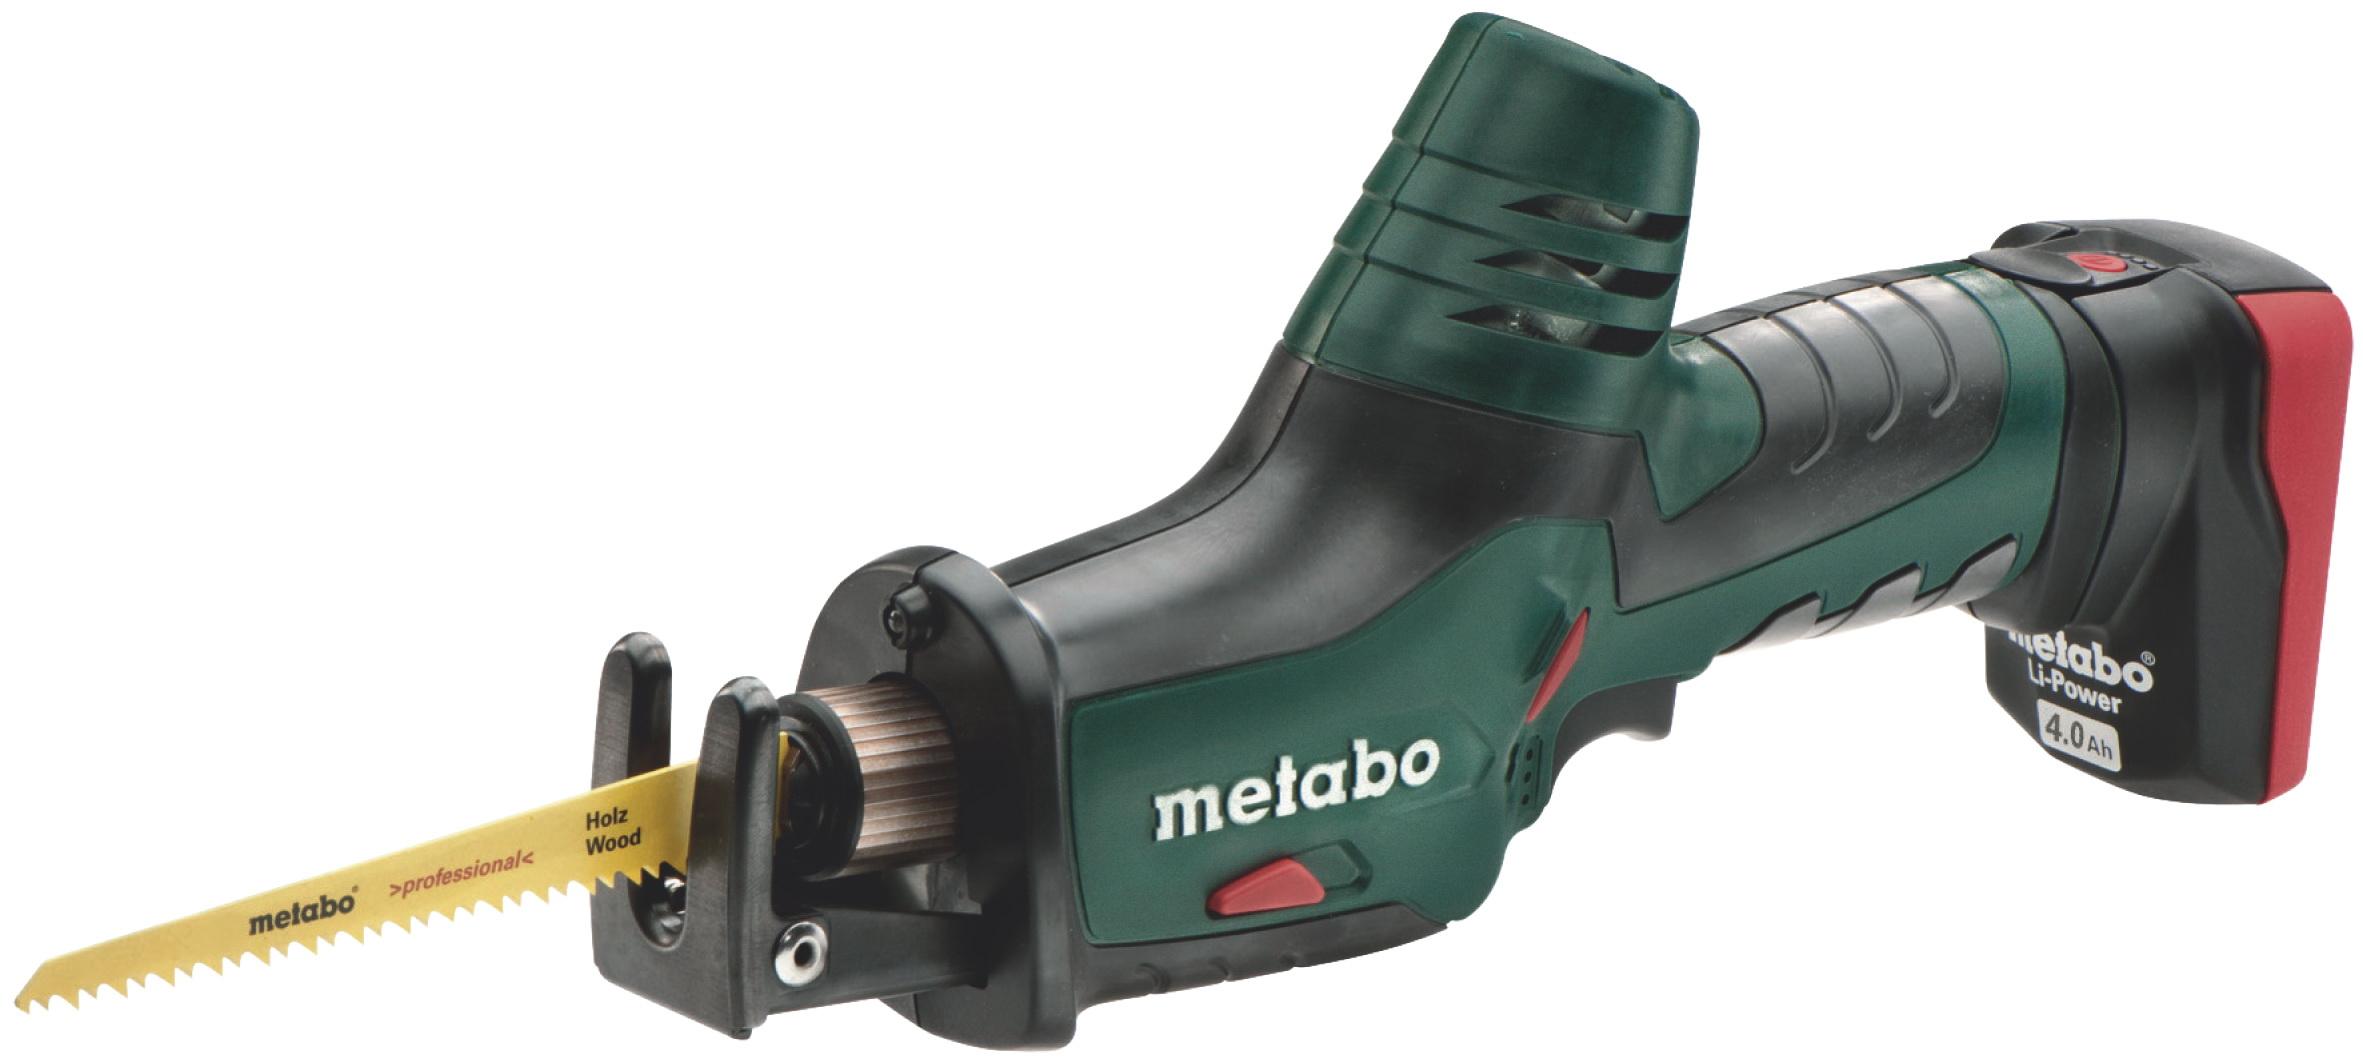 Аккумуляторная ножовка Metabo Powermaxx ase 4.0 (602264750) аккумуляторная ножовка metabo ase 18 ltx 602269610